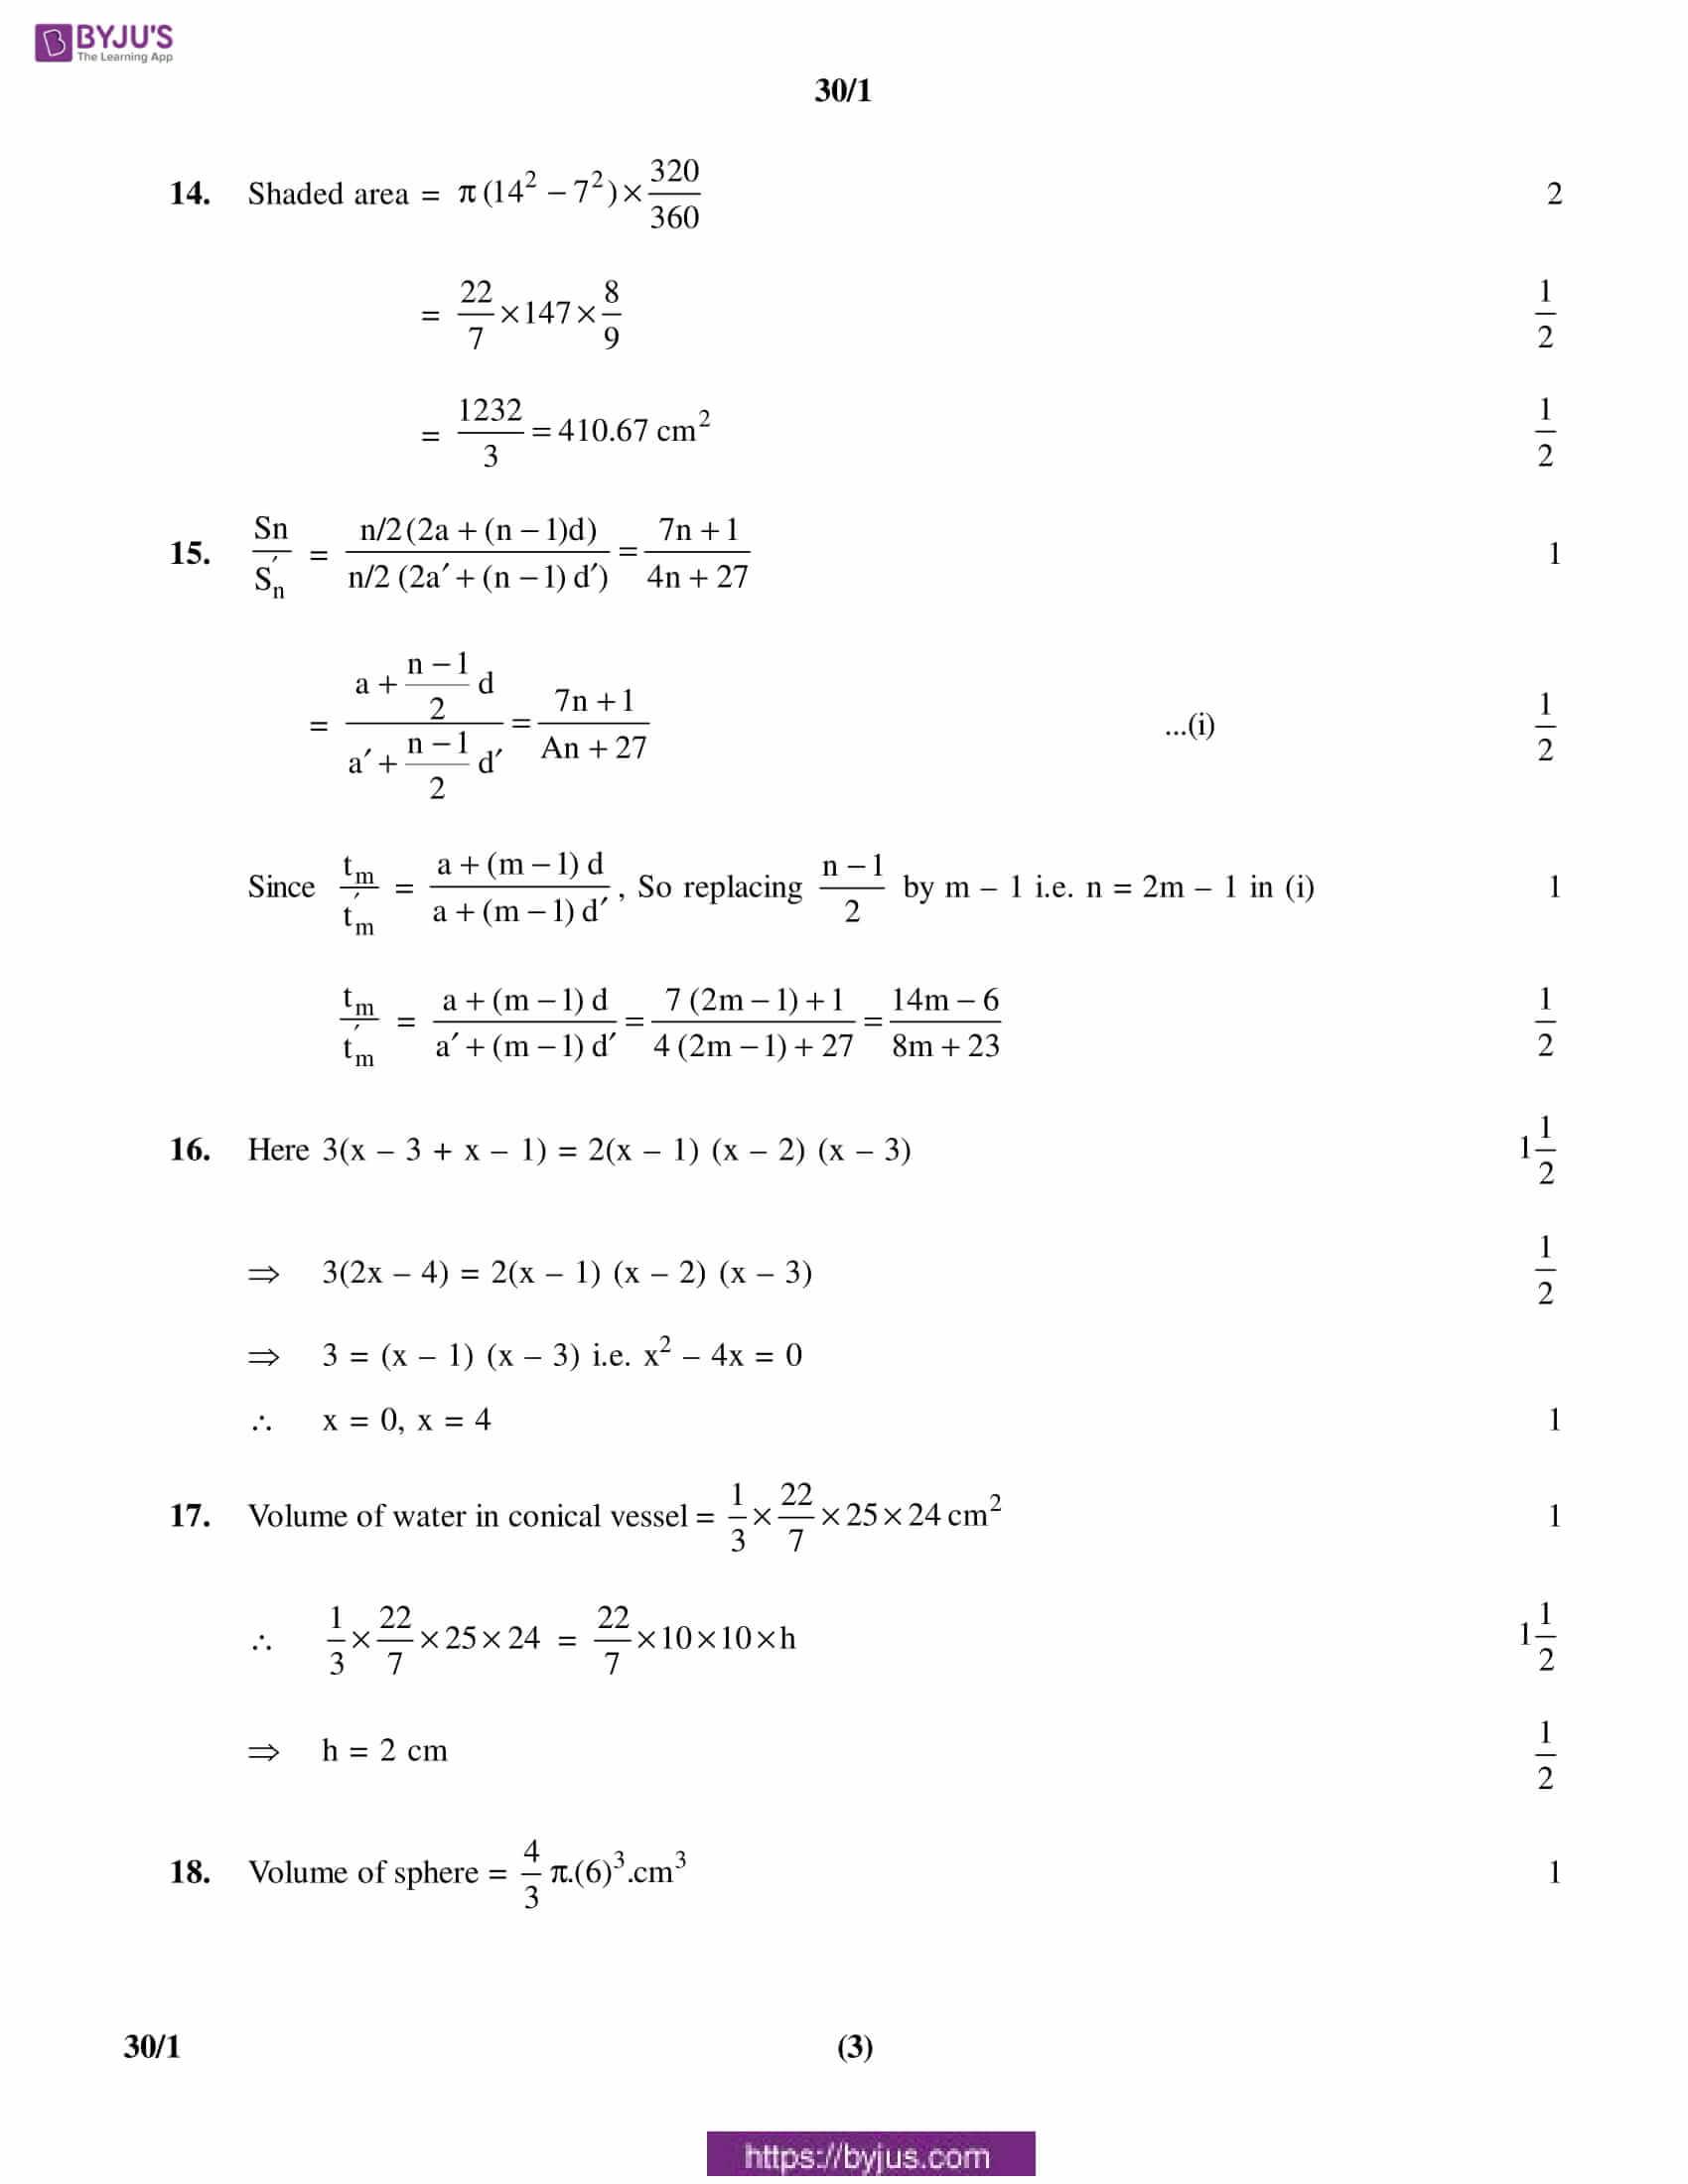 CBSE Class 10 Maths Solution PDF 2016 Set 1 3